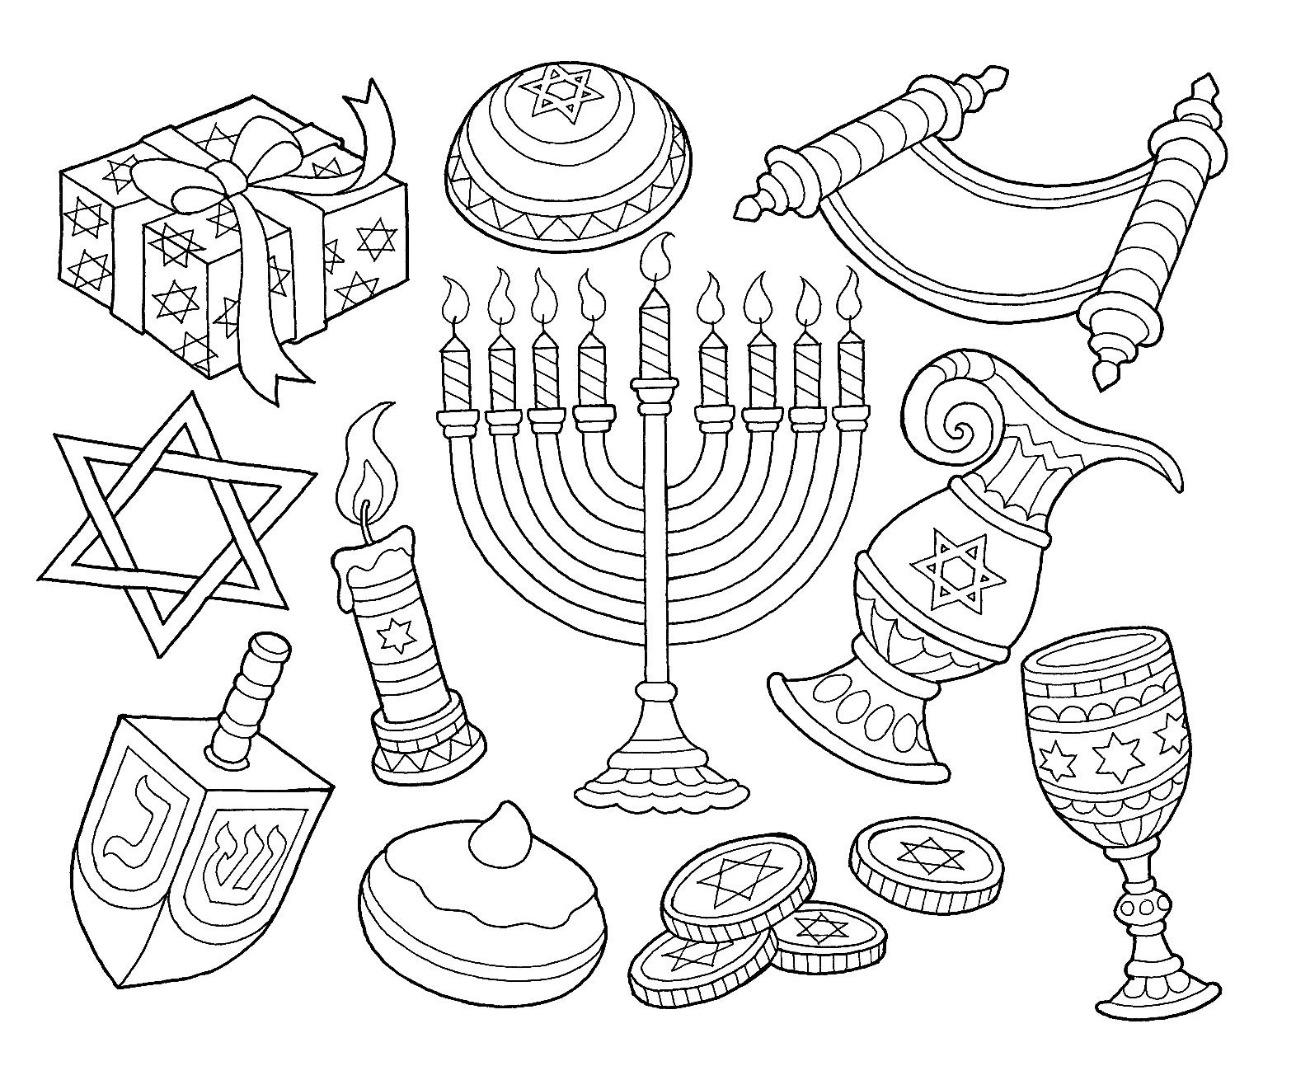 Hanukkah Drawing Coloring Page